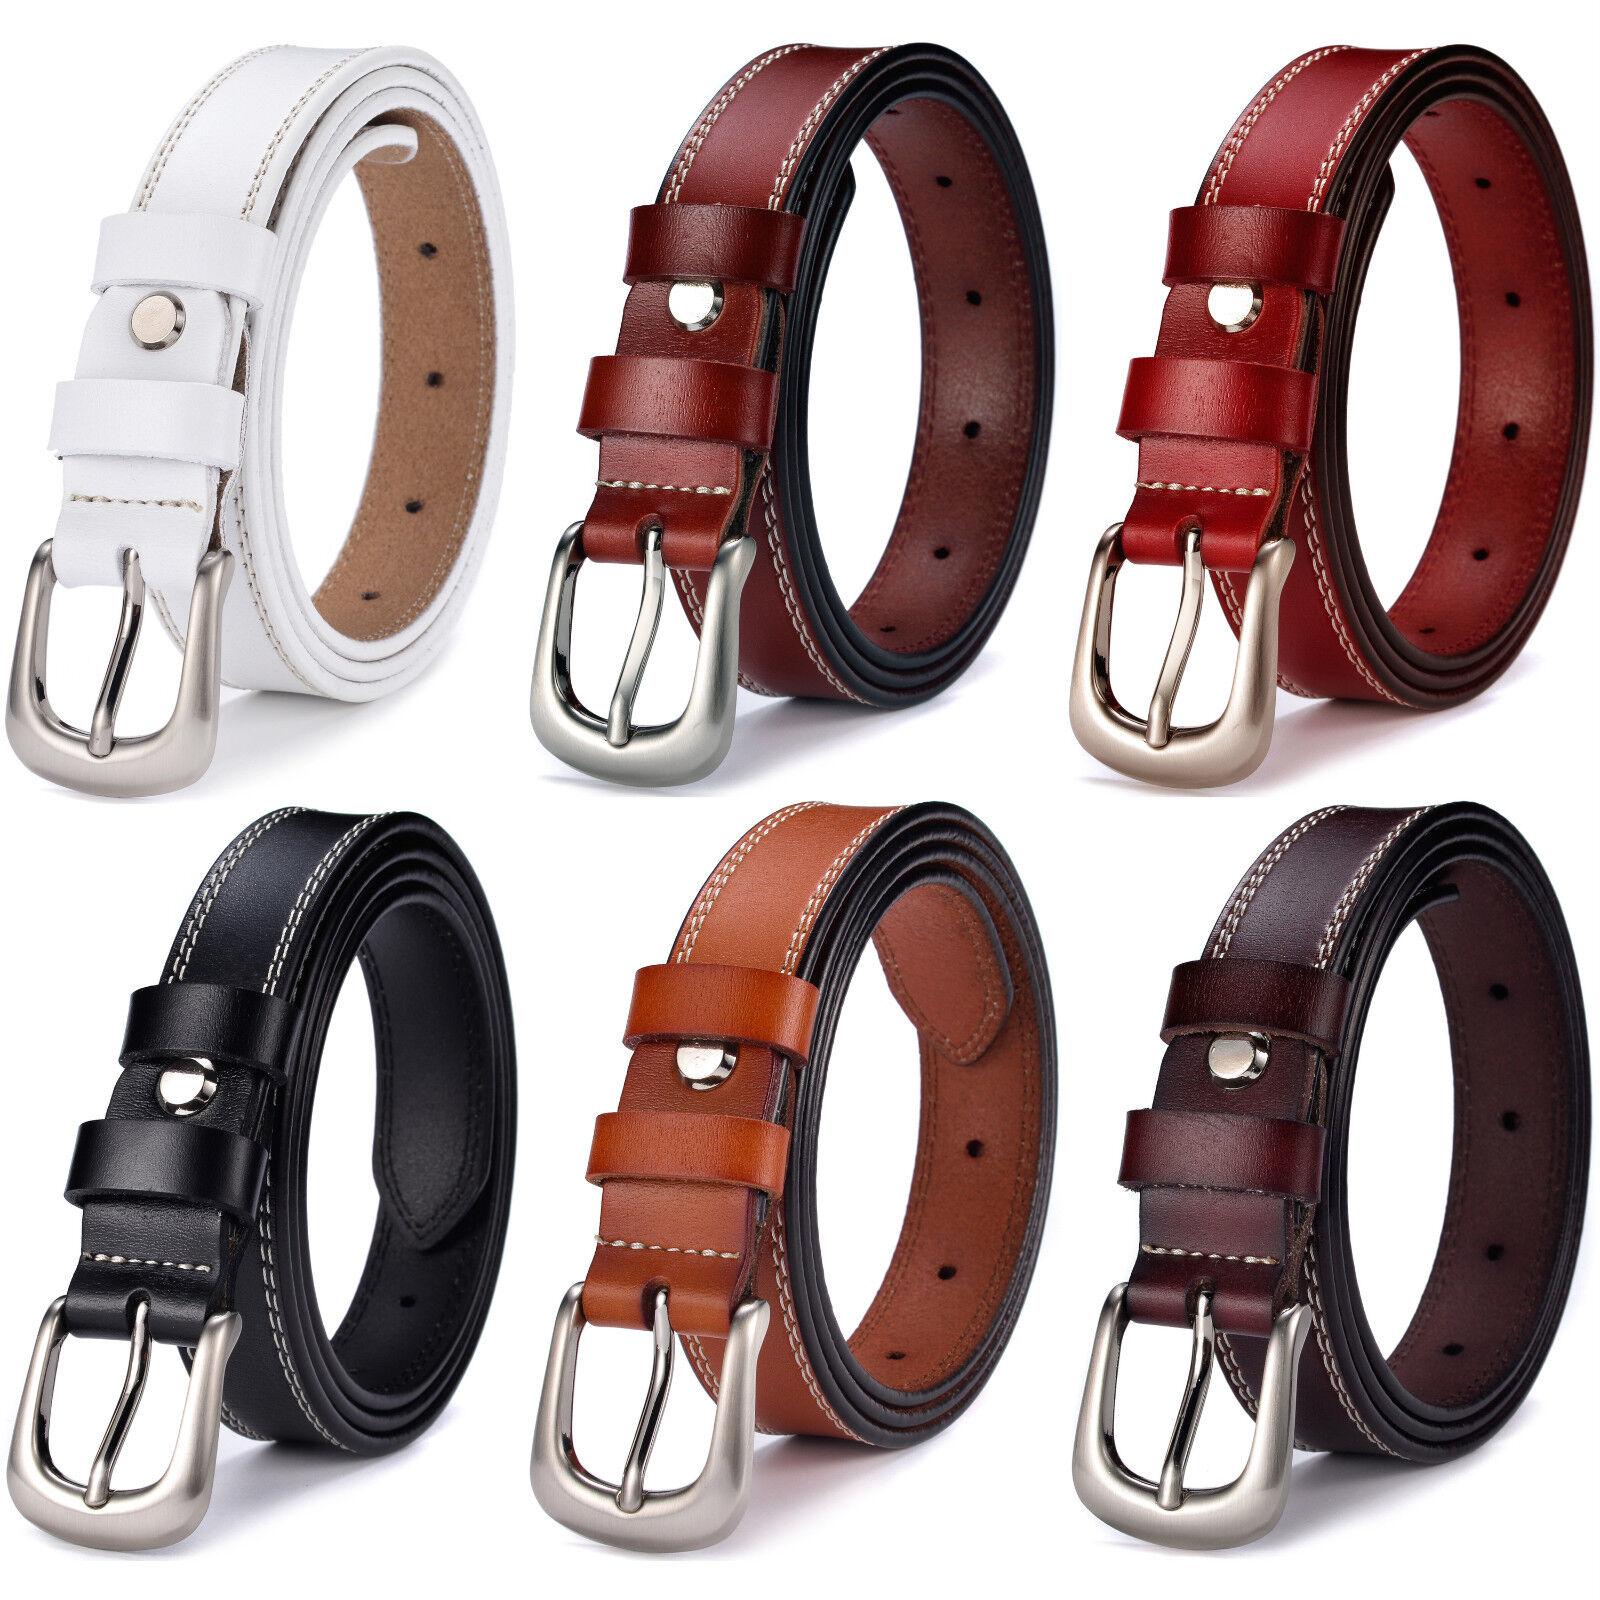 Women's Jean Belt Classic Buckle Handcrafted Genuine Leather Belt Belts